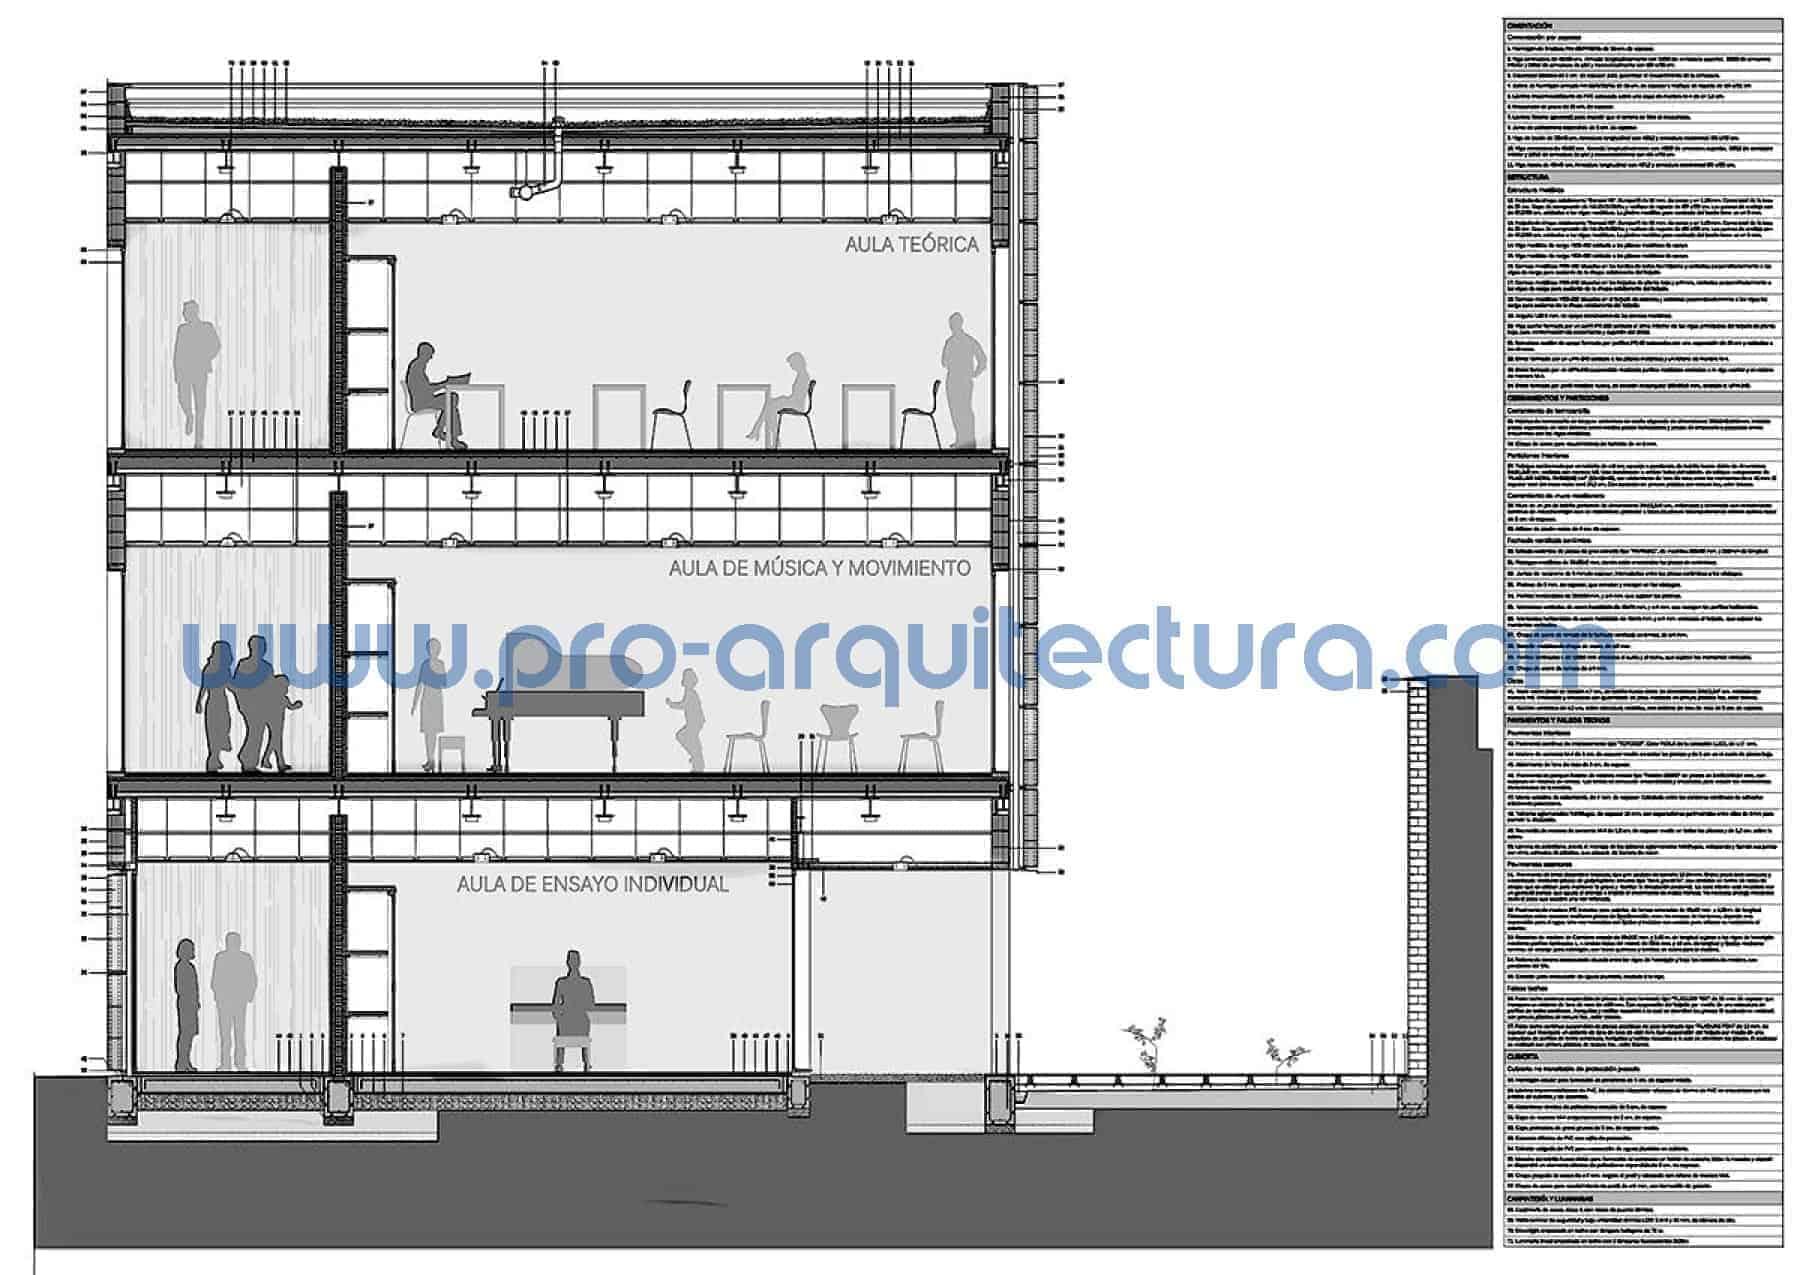 0000-01 Escuela de secundaria - Sección y detalles constructivos - Tu ayuda con la entrega del pfc pfg tfg tfm de arquitectura.